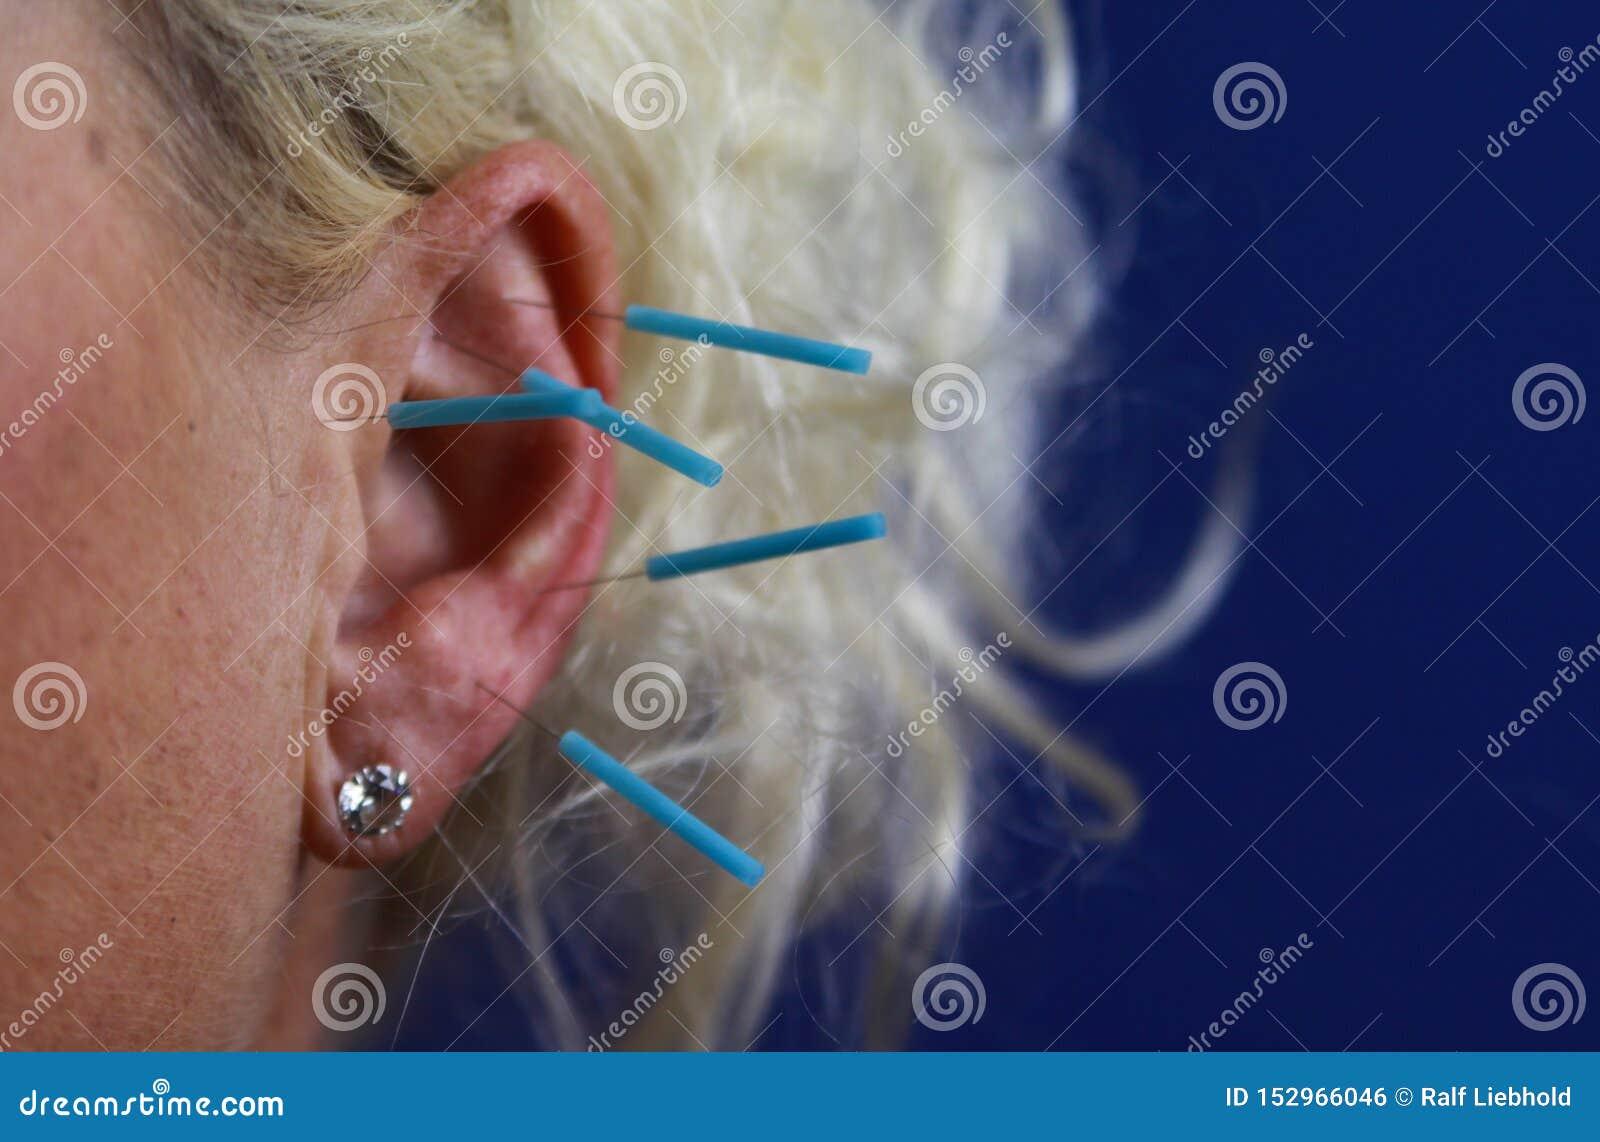 Feche acima da orelha fêmea humana com agulhas azuis: Acupuntura da orelha como um formulário da medicina chinesa alternativa